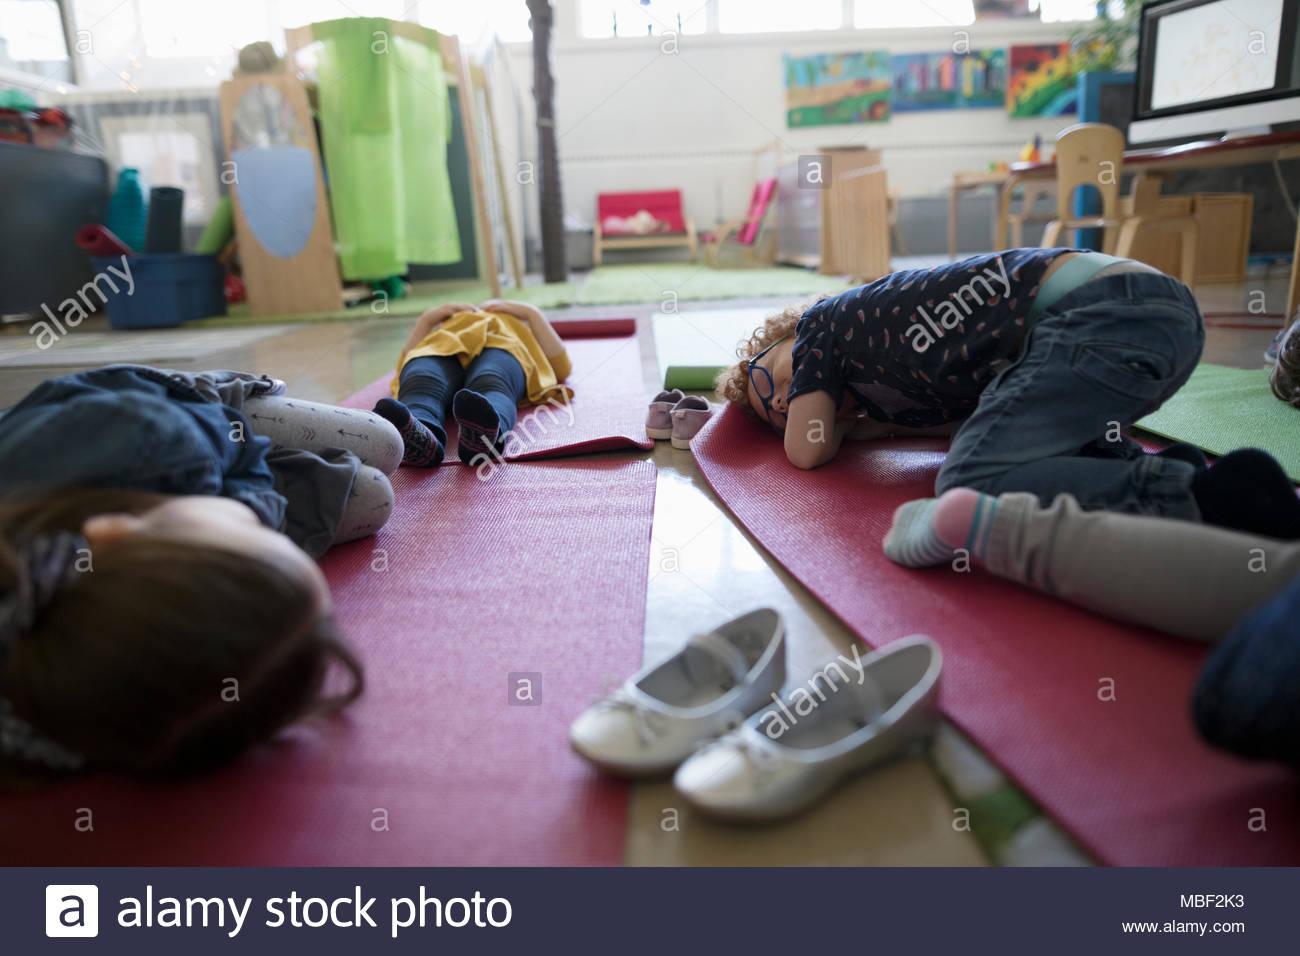 Cansados los estudiantes preescolares duermen en colchonetas para yoga durante la hora de la siesta Imagen De Stock